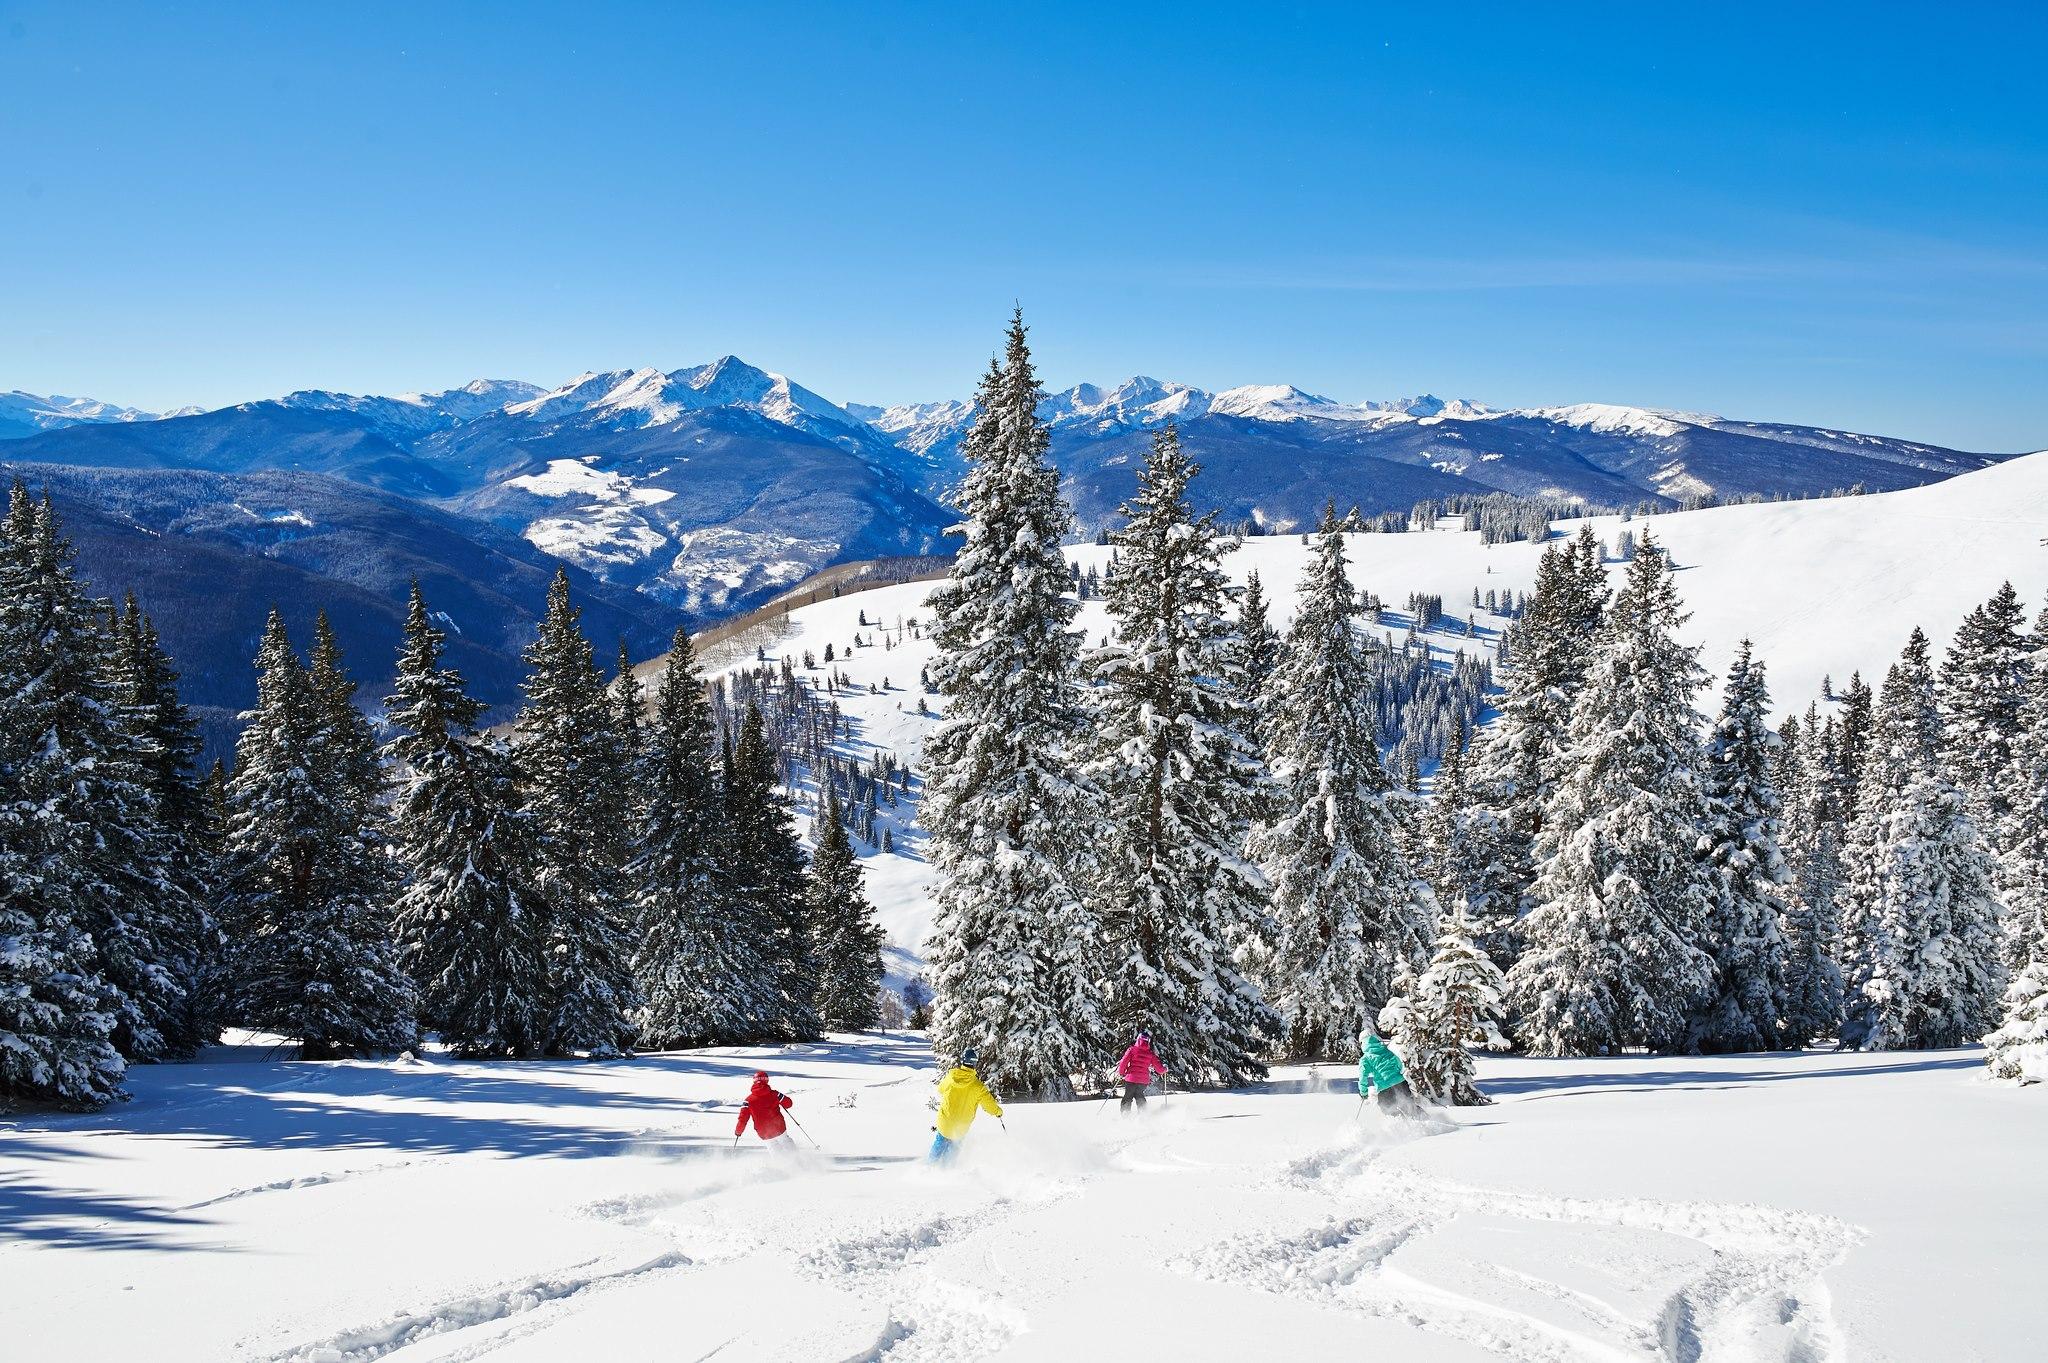 A estação de esqui de Vail no inverno | foto: divulgação